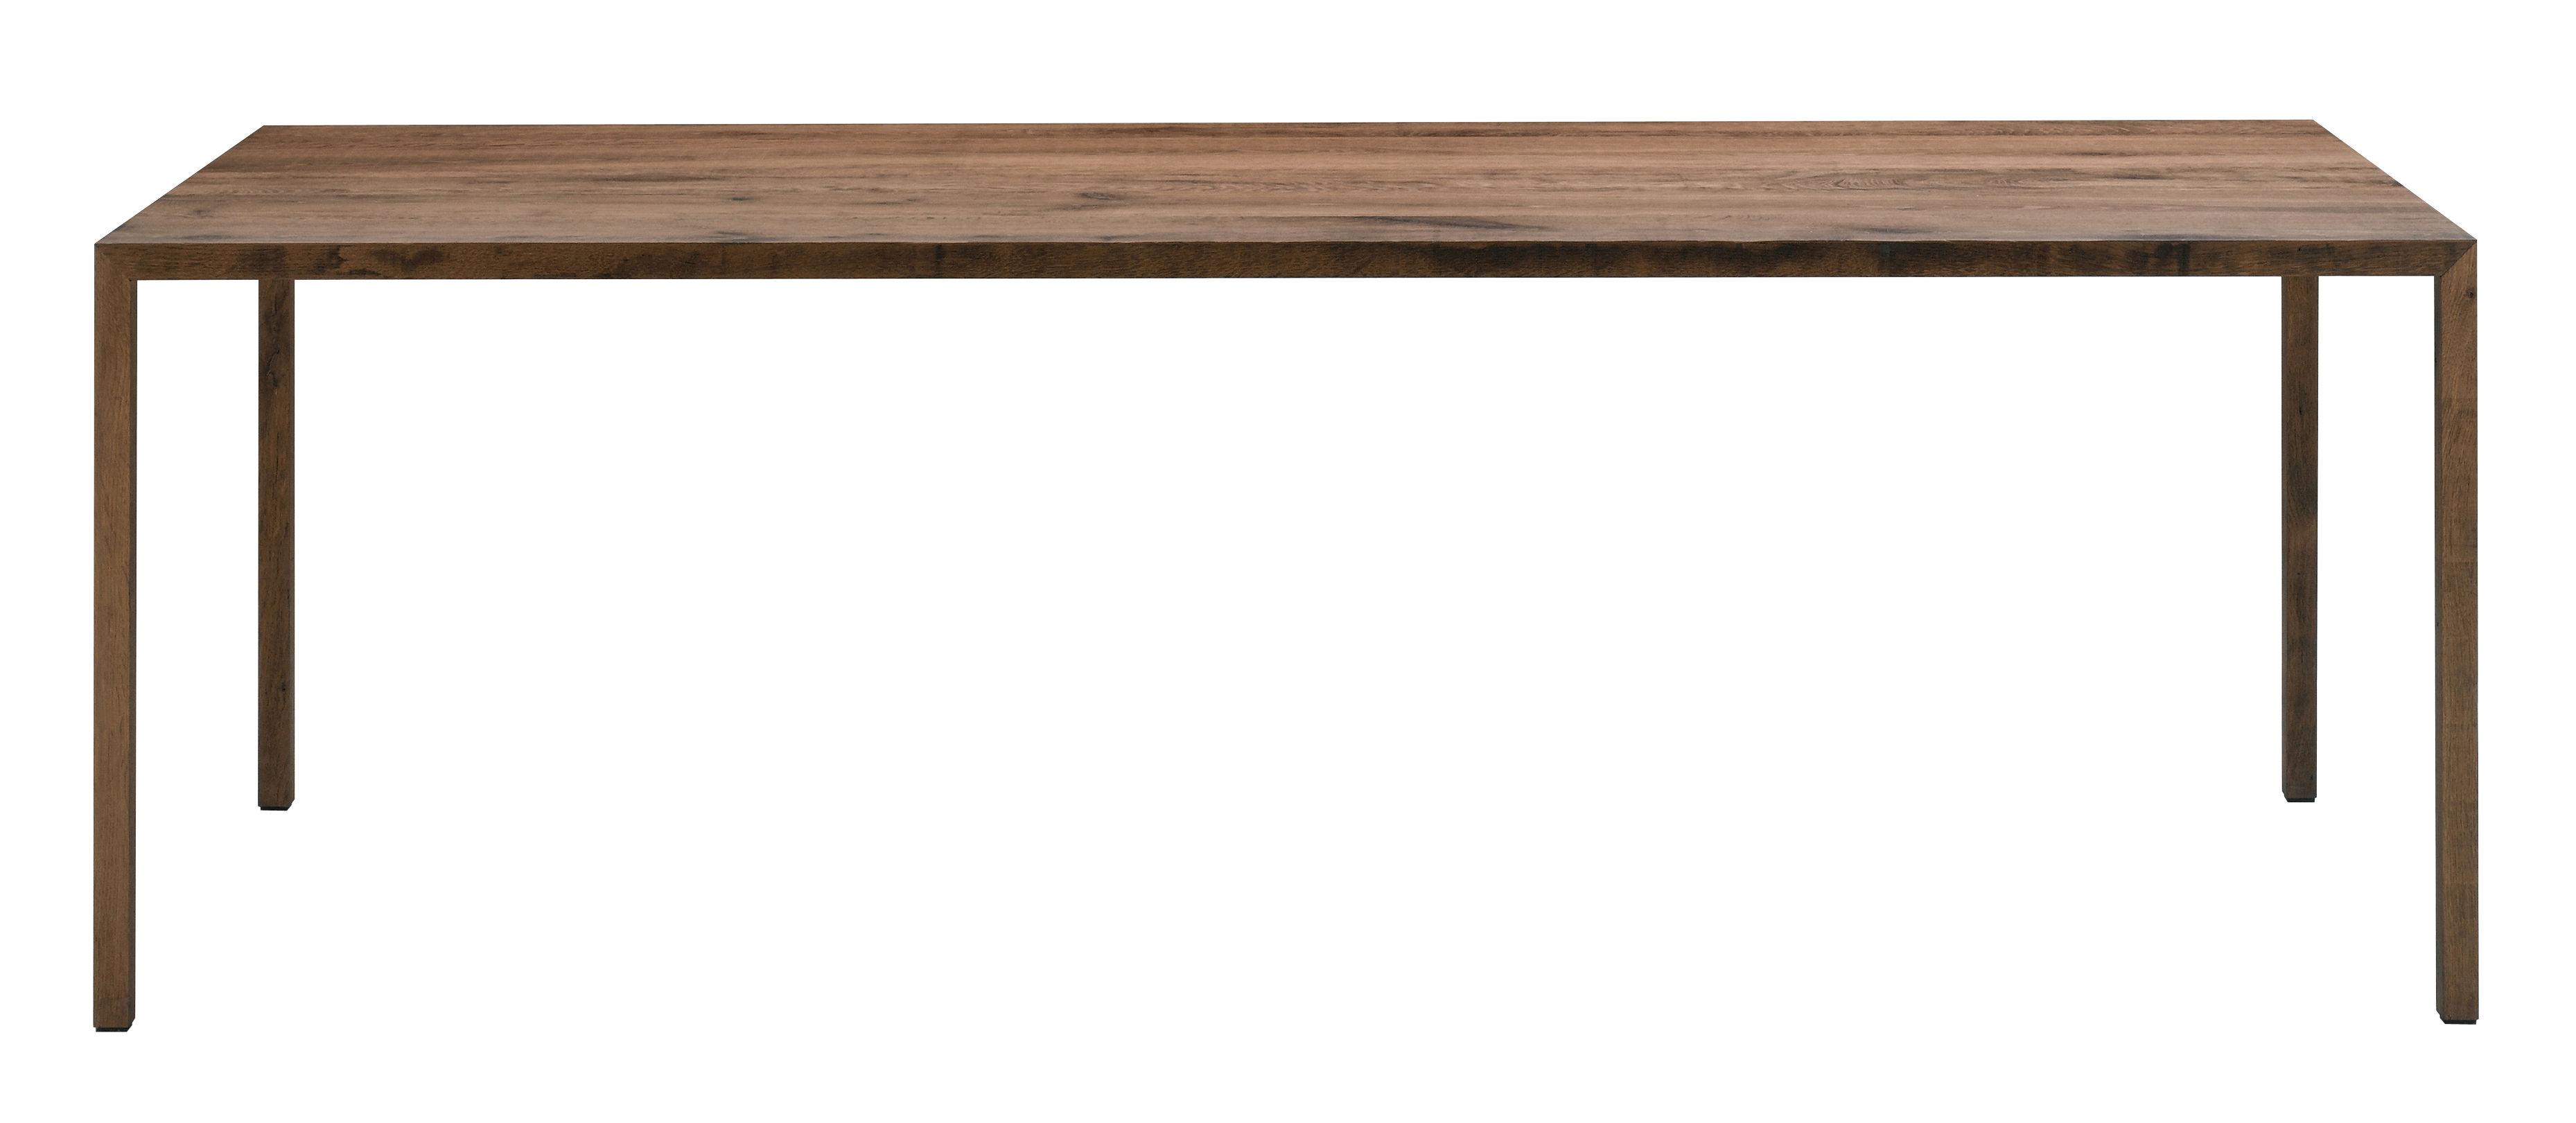 Trends - Zu Tisch! - Tense Material rechteckiger Tisch / 90 x 200 cm - Eiche - MDF Italia - Eiche natur - Massiveiche-Furnier, Verbundplatte